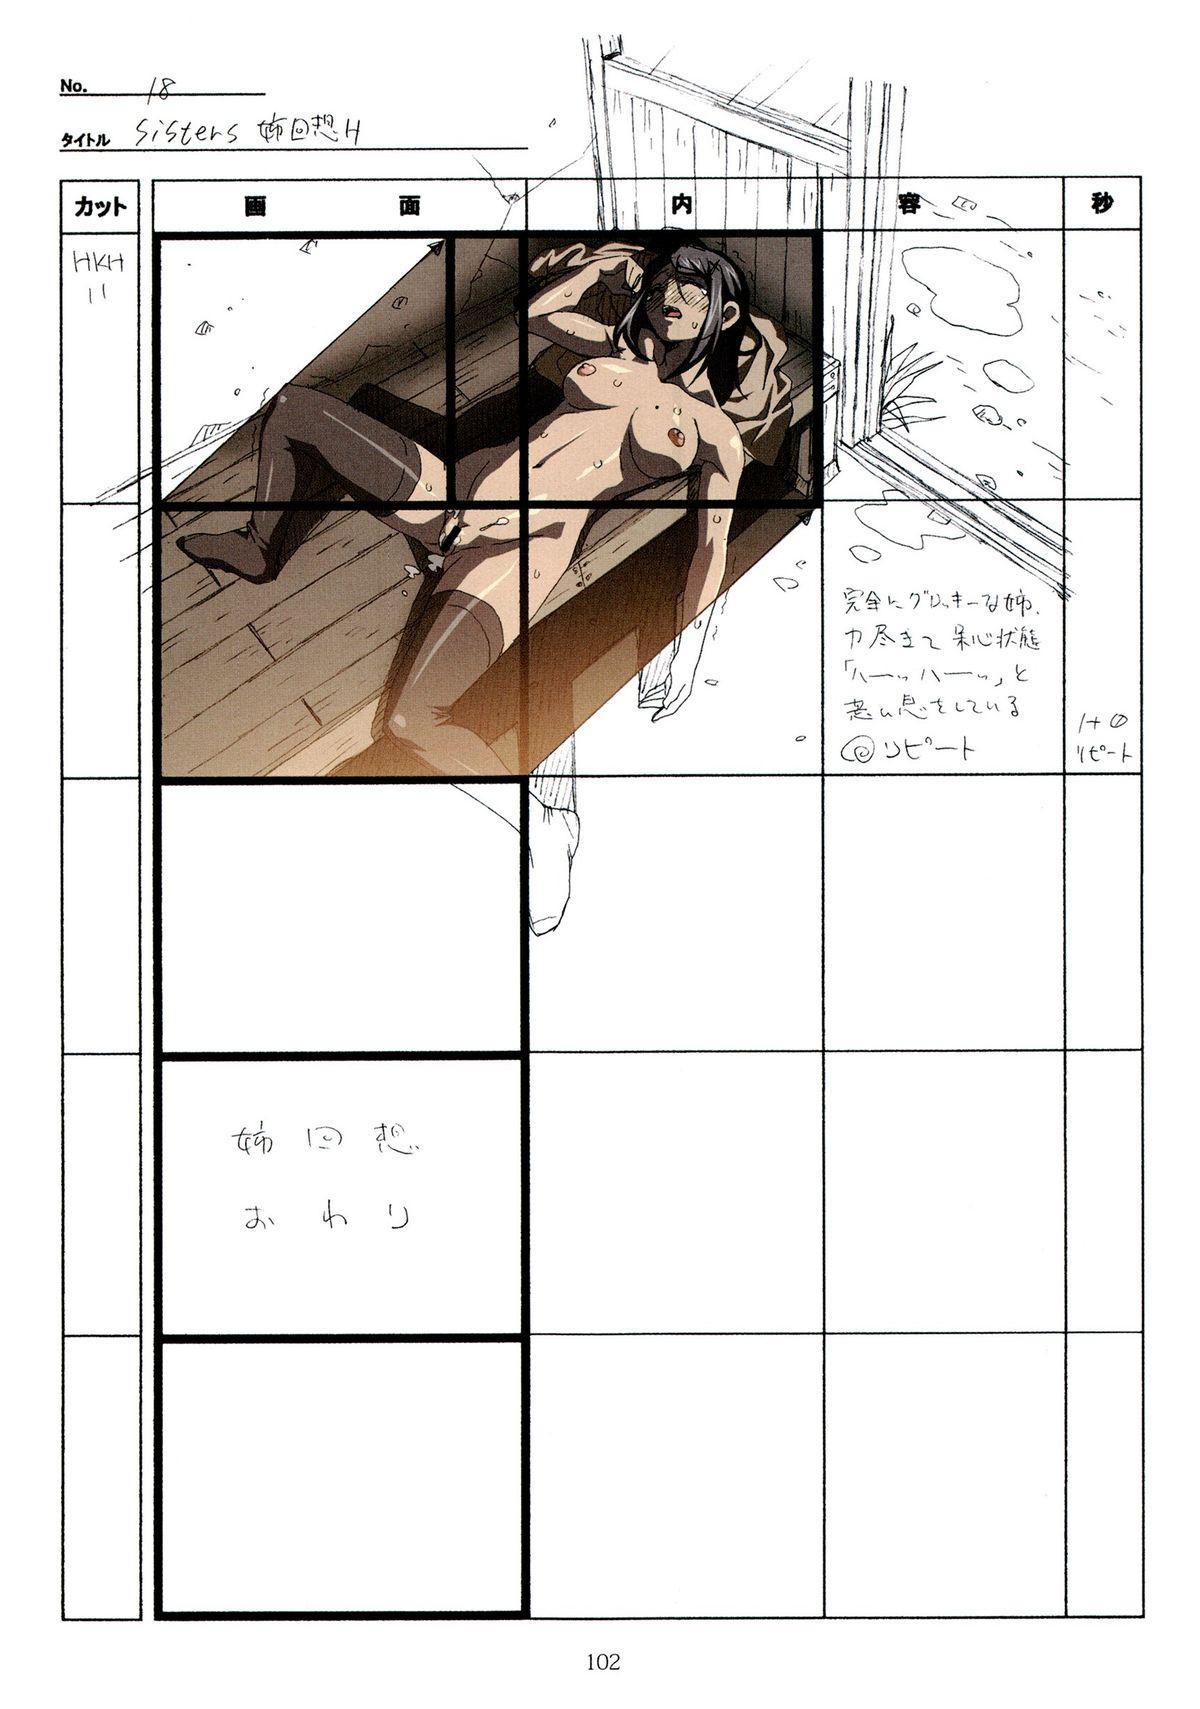 (C89) [Makino Jimusho (Taki Minashika)] SISTERS -Natsu no Saigo no Hi- H Scene All Part Storyboard (SISTERS -Natsu no Saigo no Hi-) 101